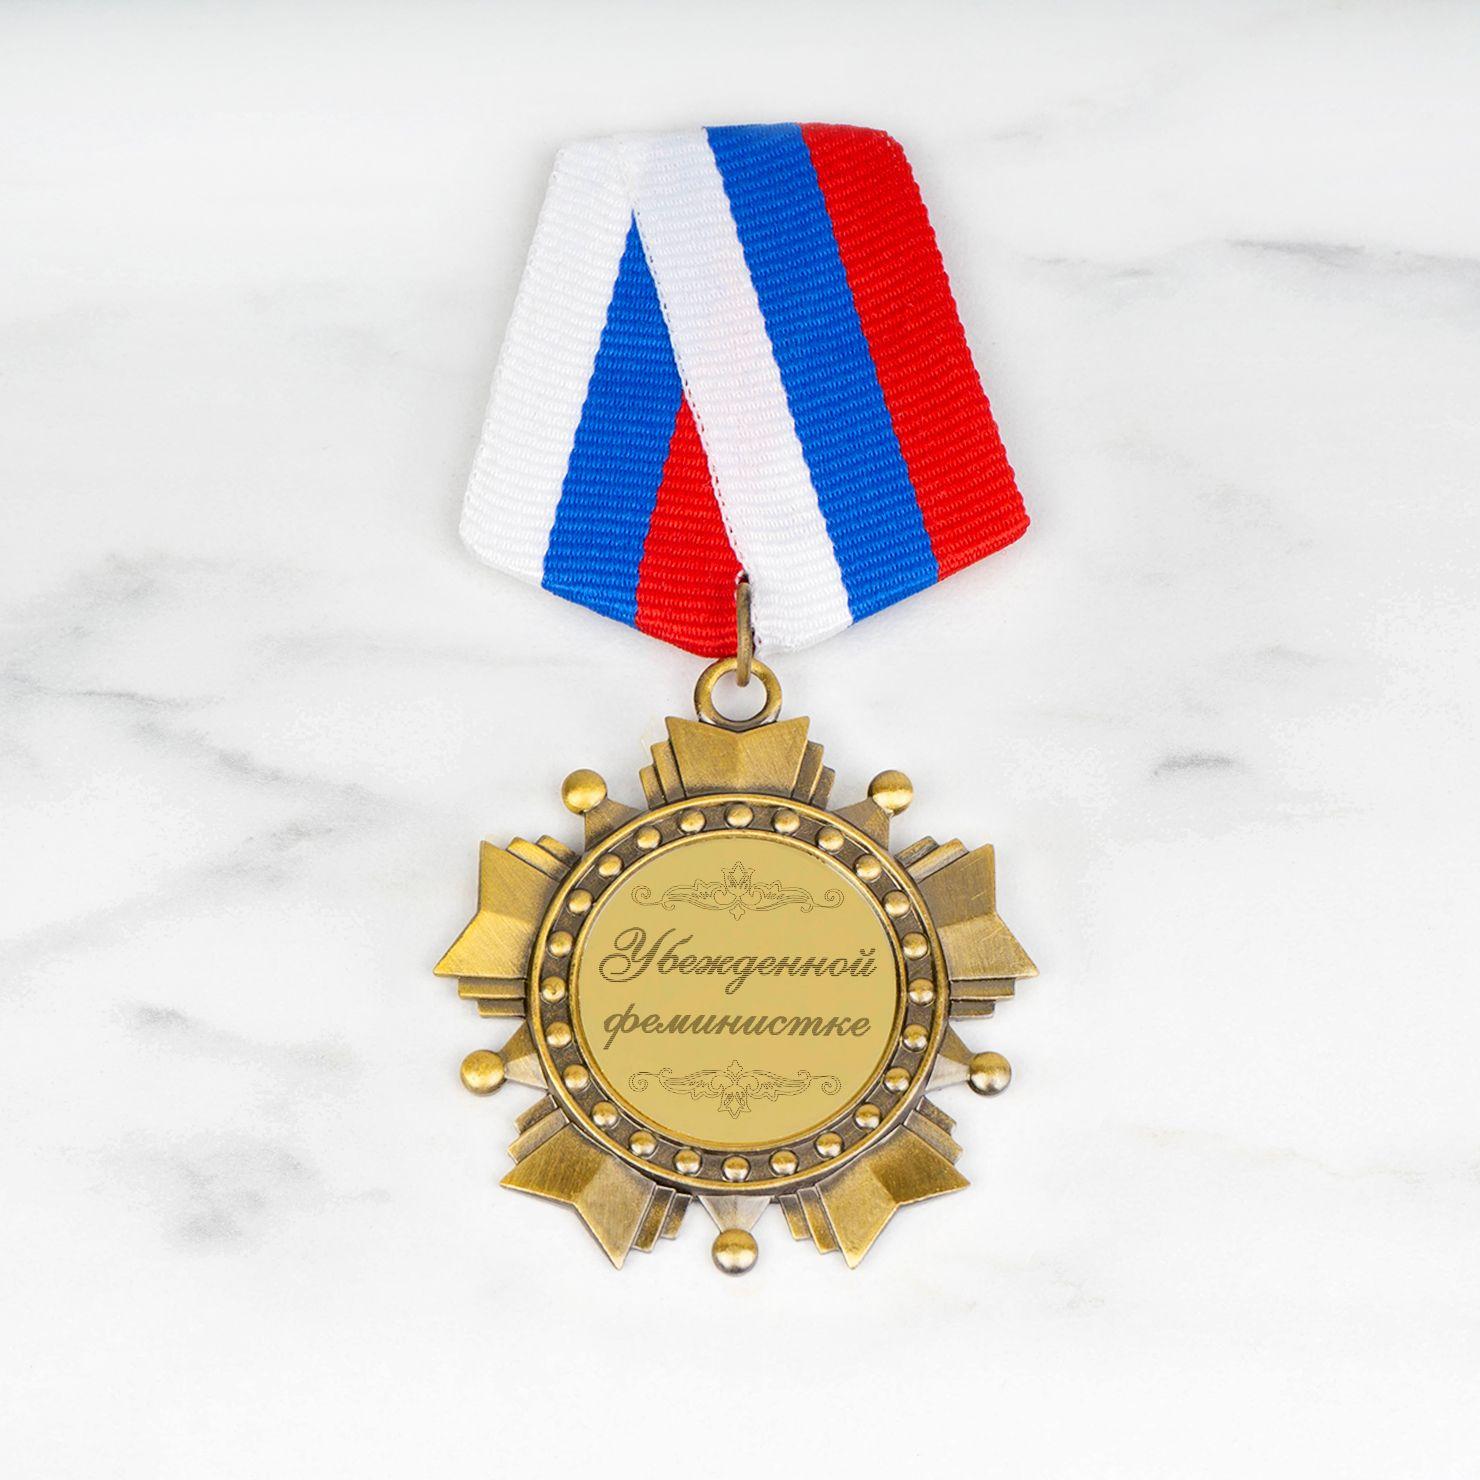 Орден *Убежденной феминистке*